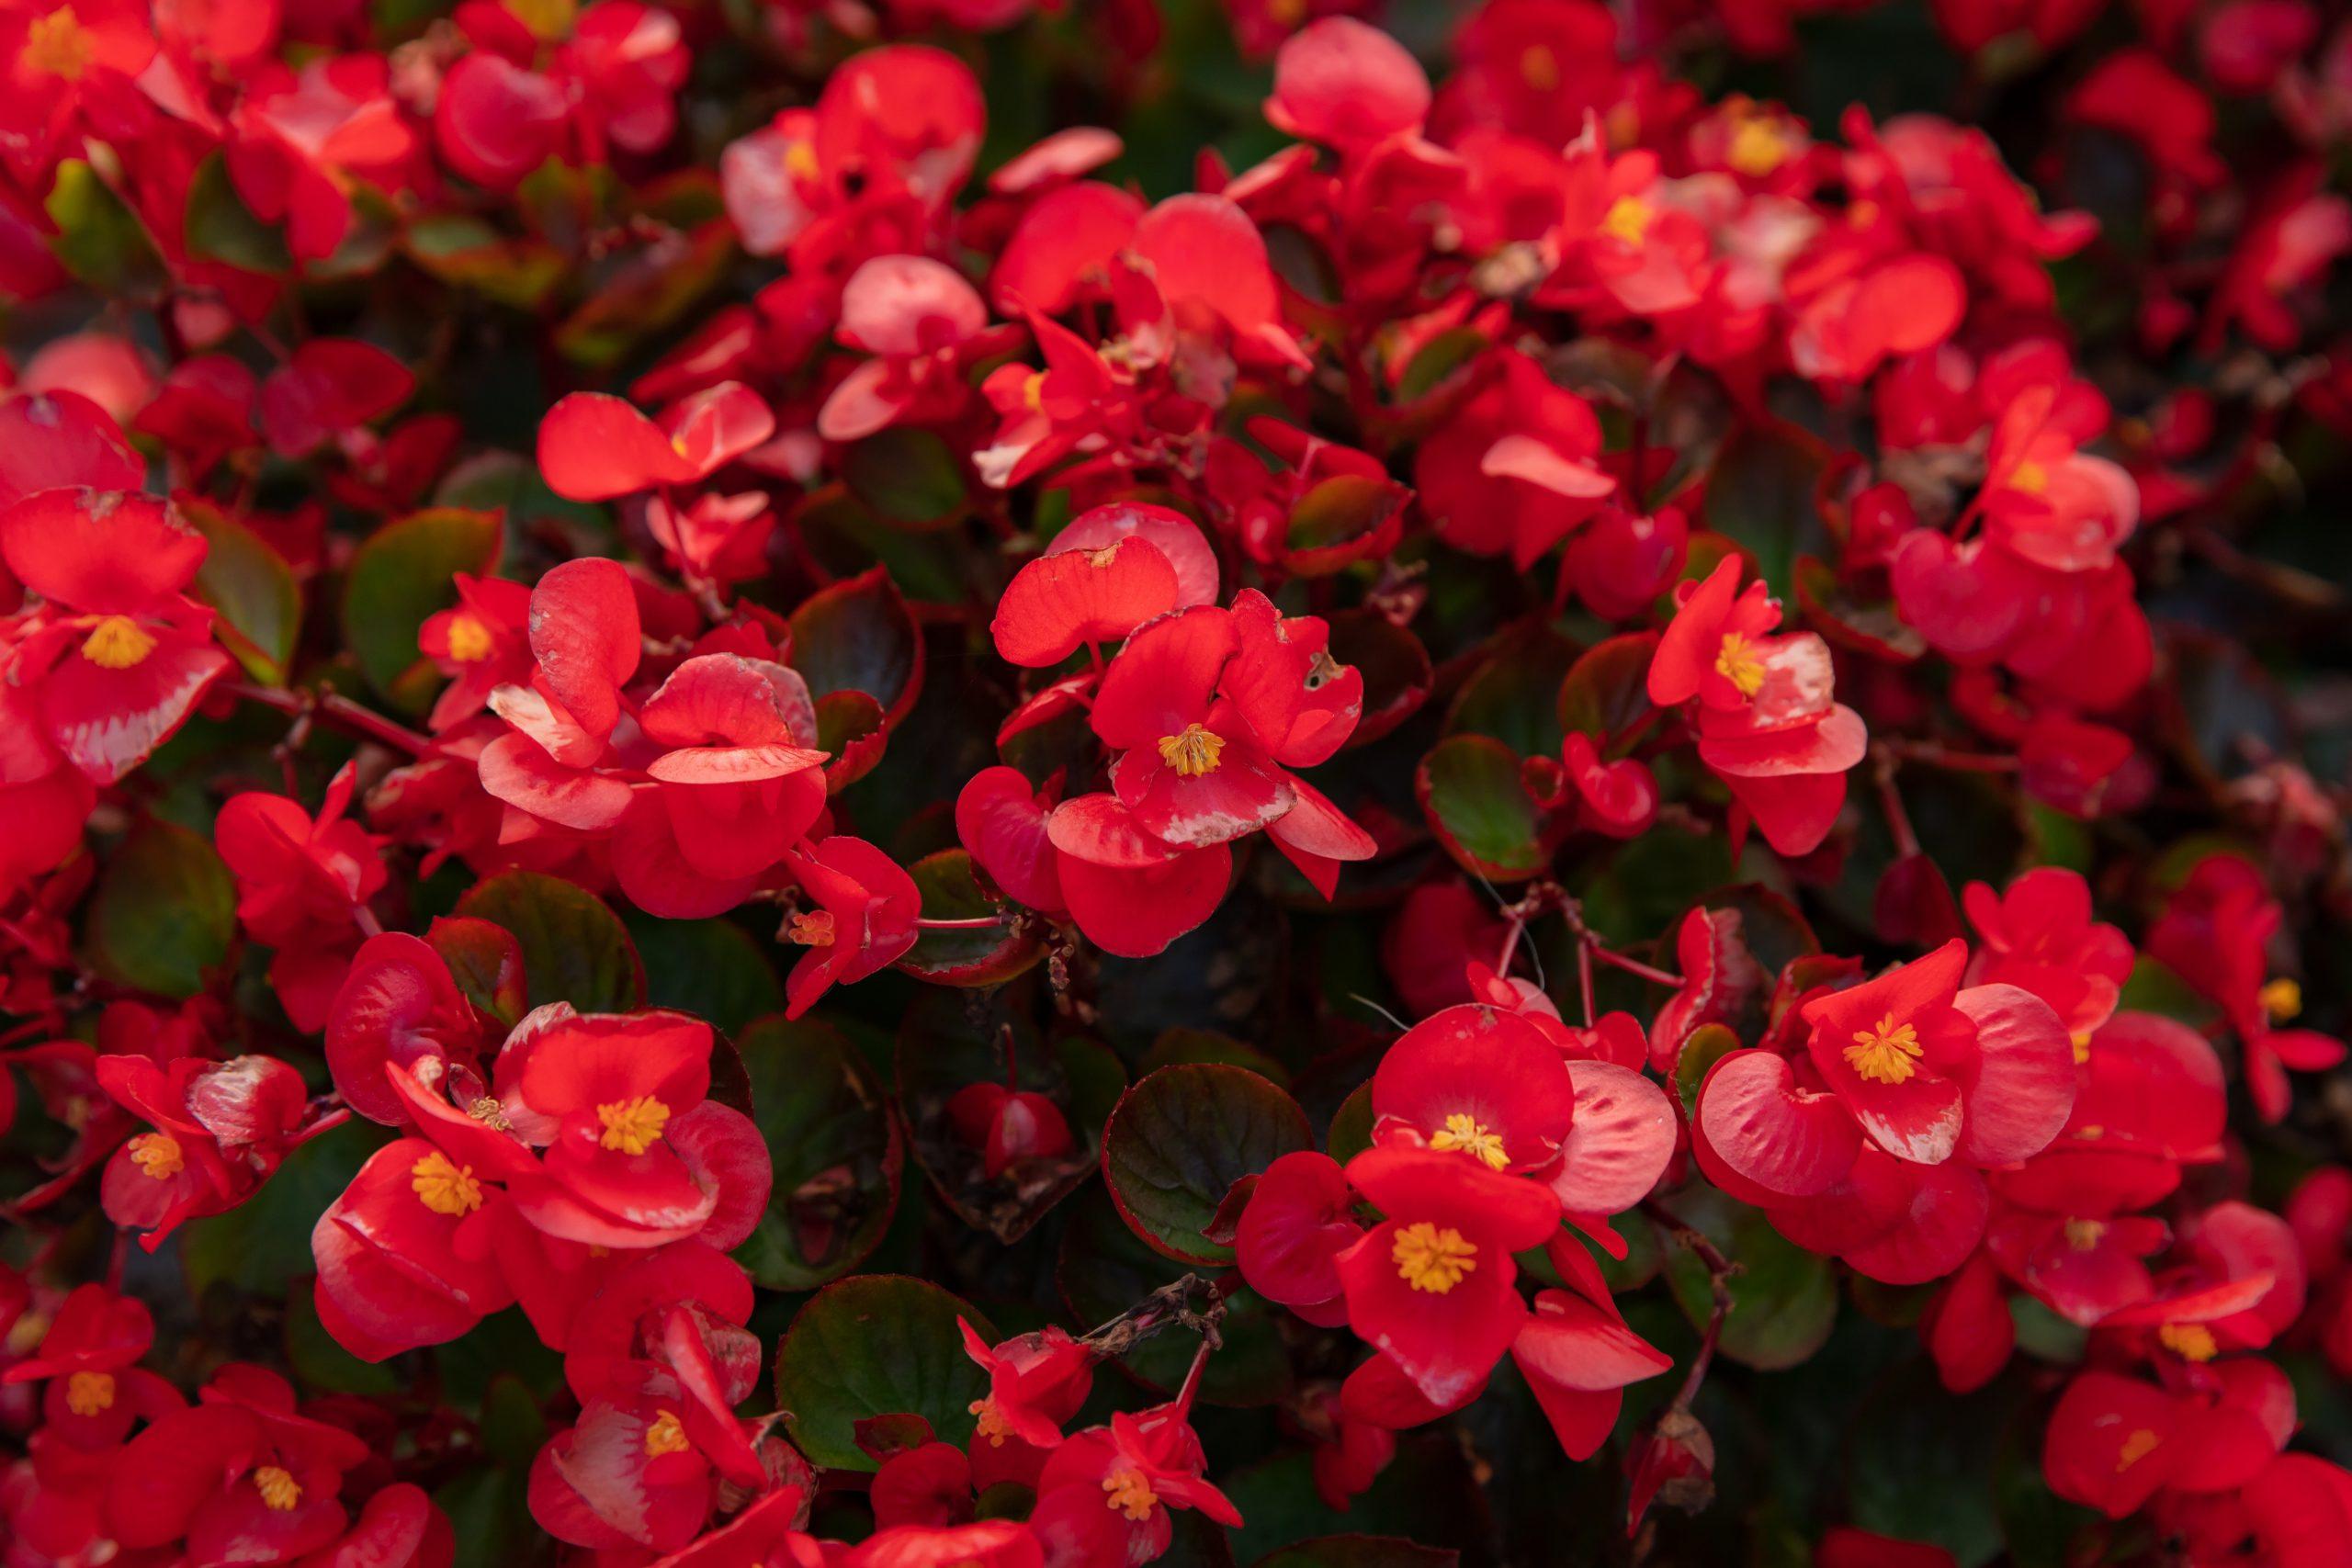 Begonia - Margarita se llama mi amor